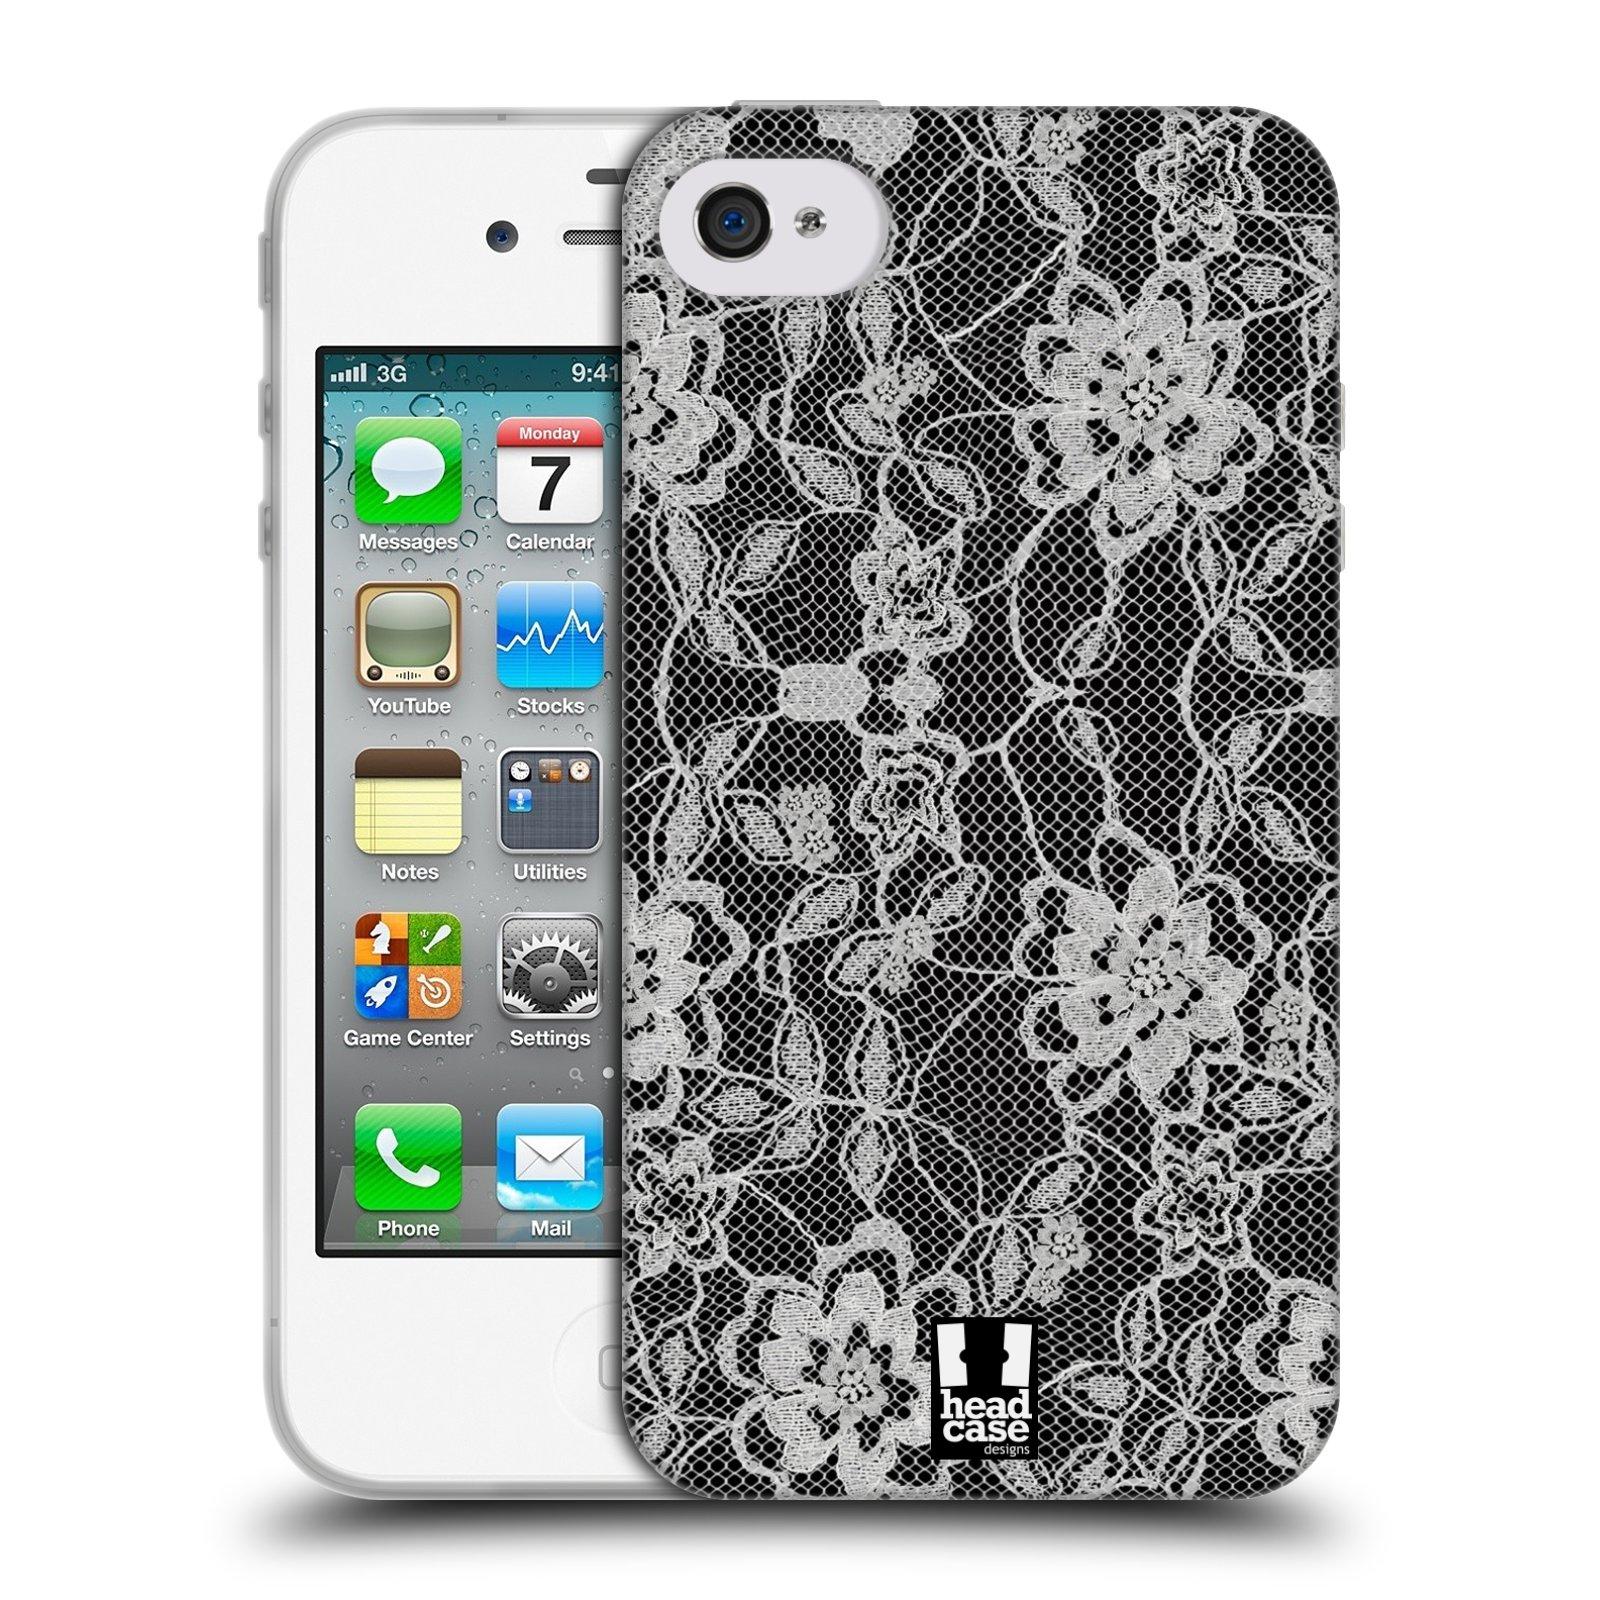 Silikonové pouzdro na mobil Apple iPhone 4 a 4S HEAD CASE FLOWERY KRAJKA (Silikonový kryt či obal na mobilní telefon Apple iPhone 4 a 4S)